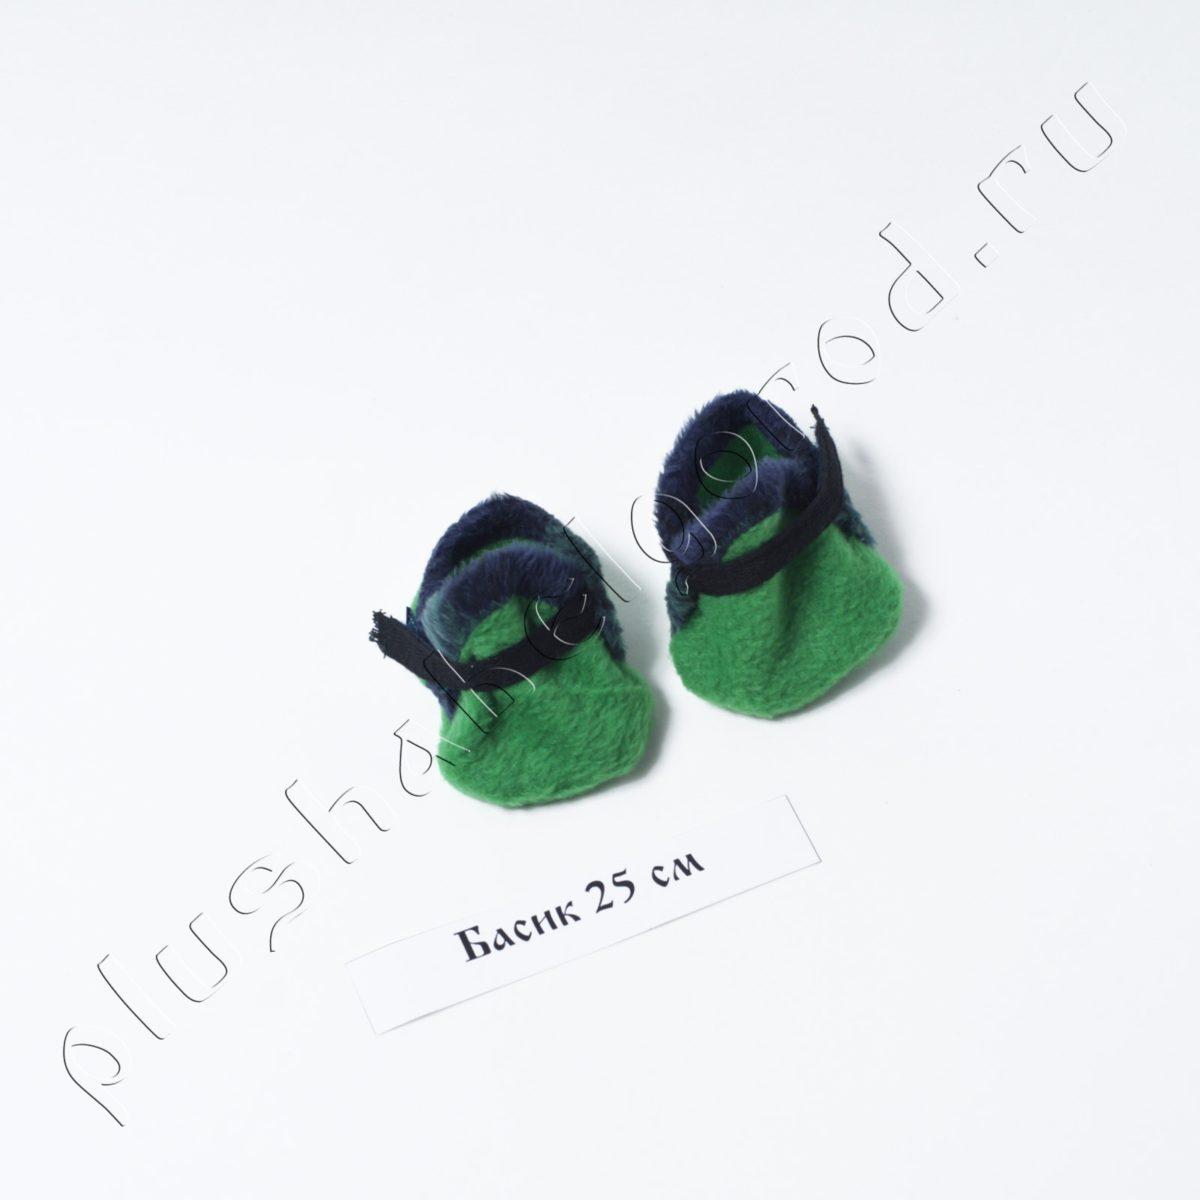 Обувь зелёная